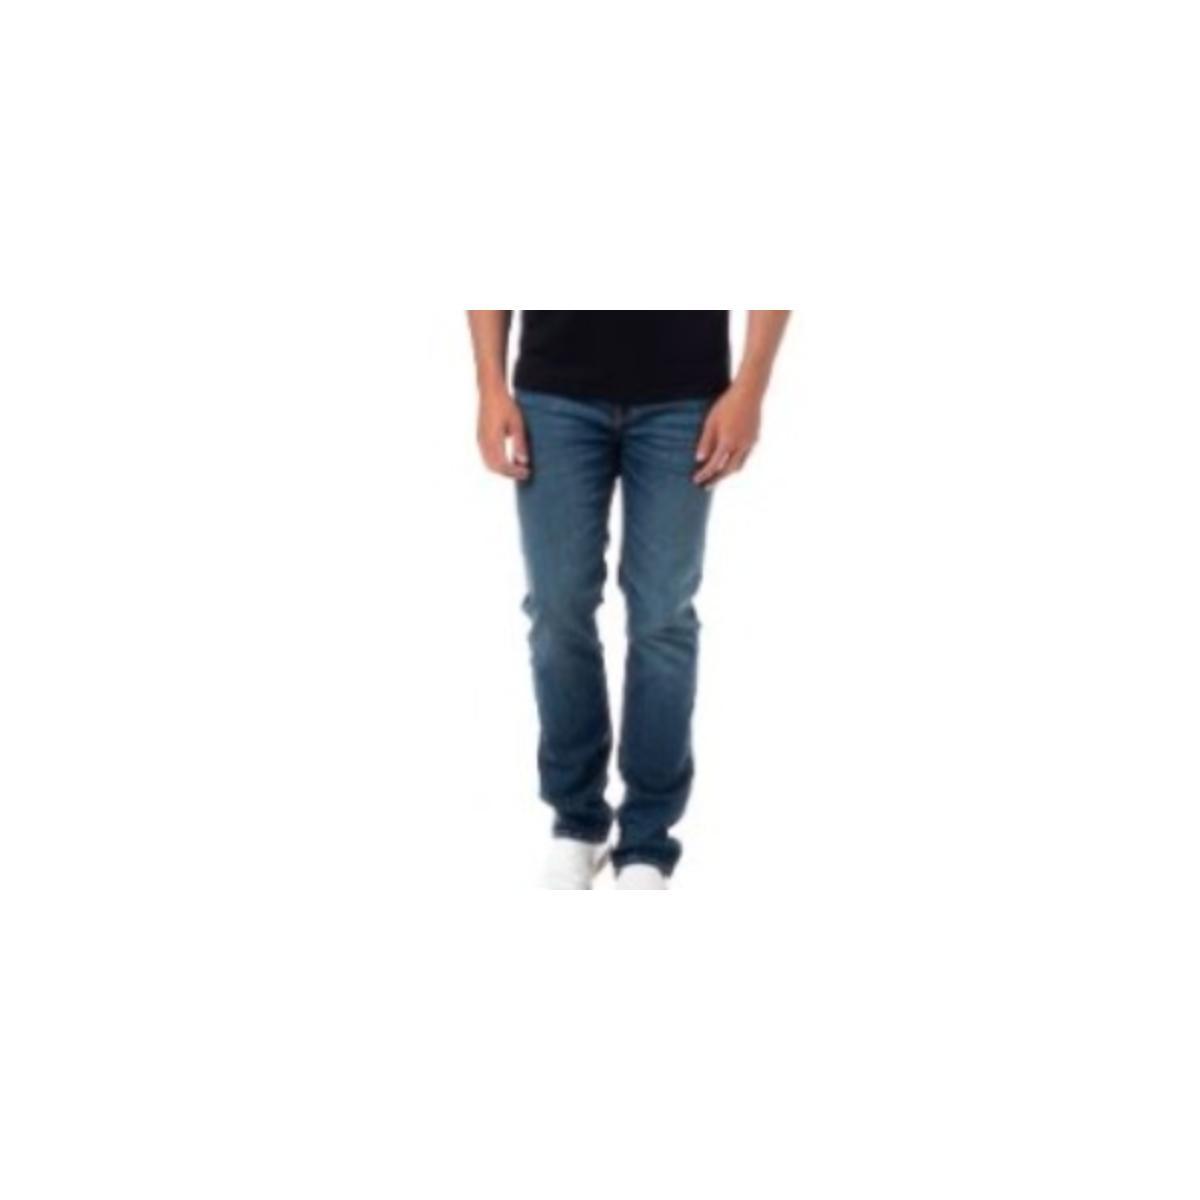 Calça Masculina Colcci 10106140 600 Jeans